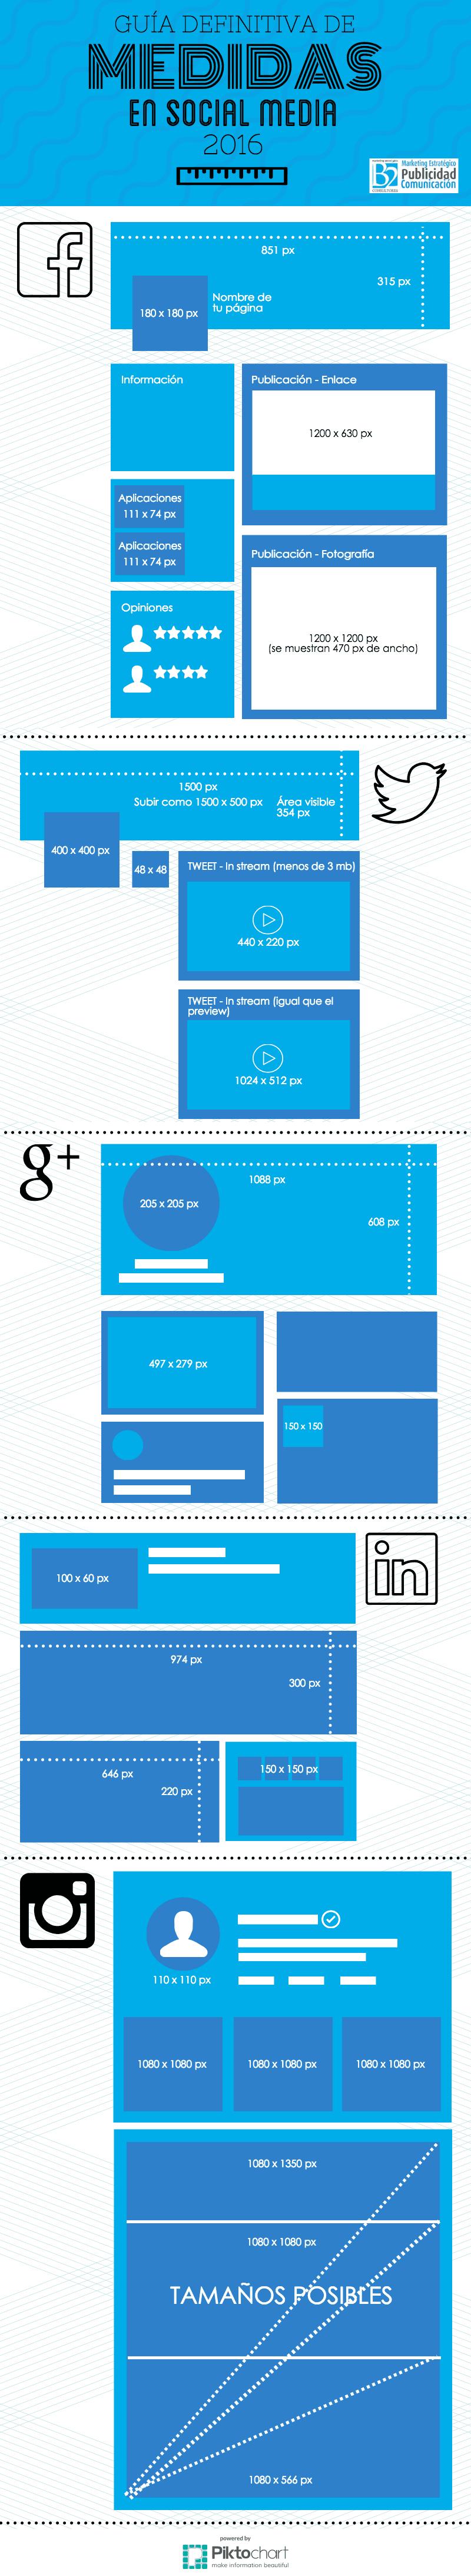 Infografía medidas social media 2016